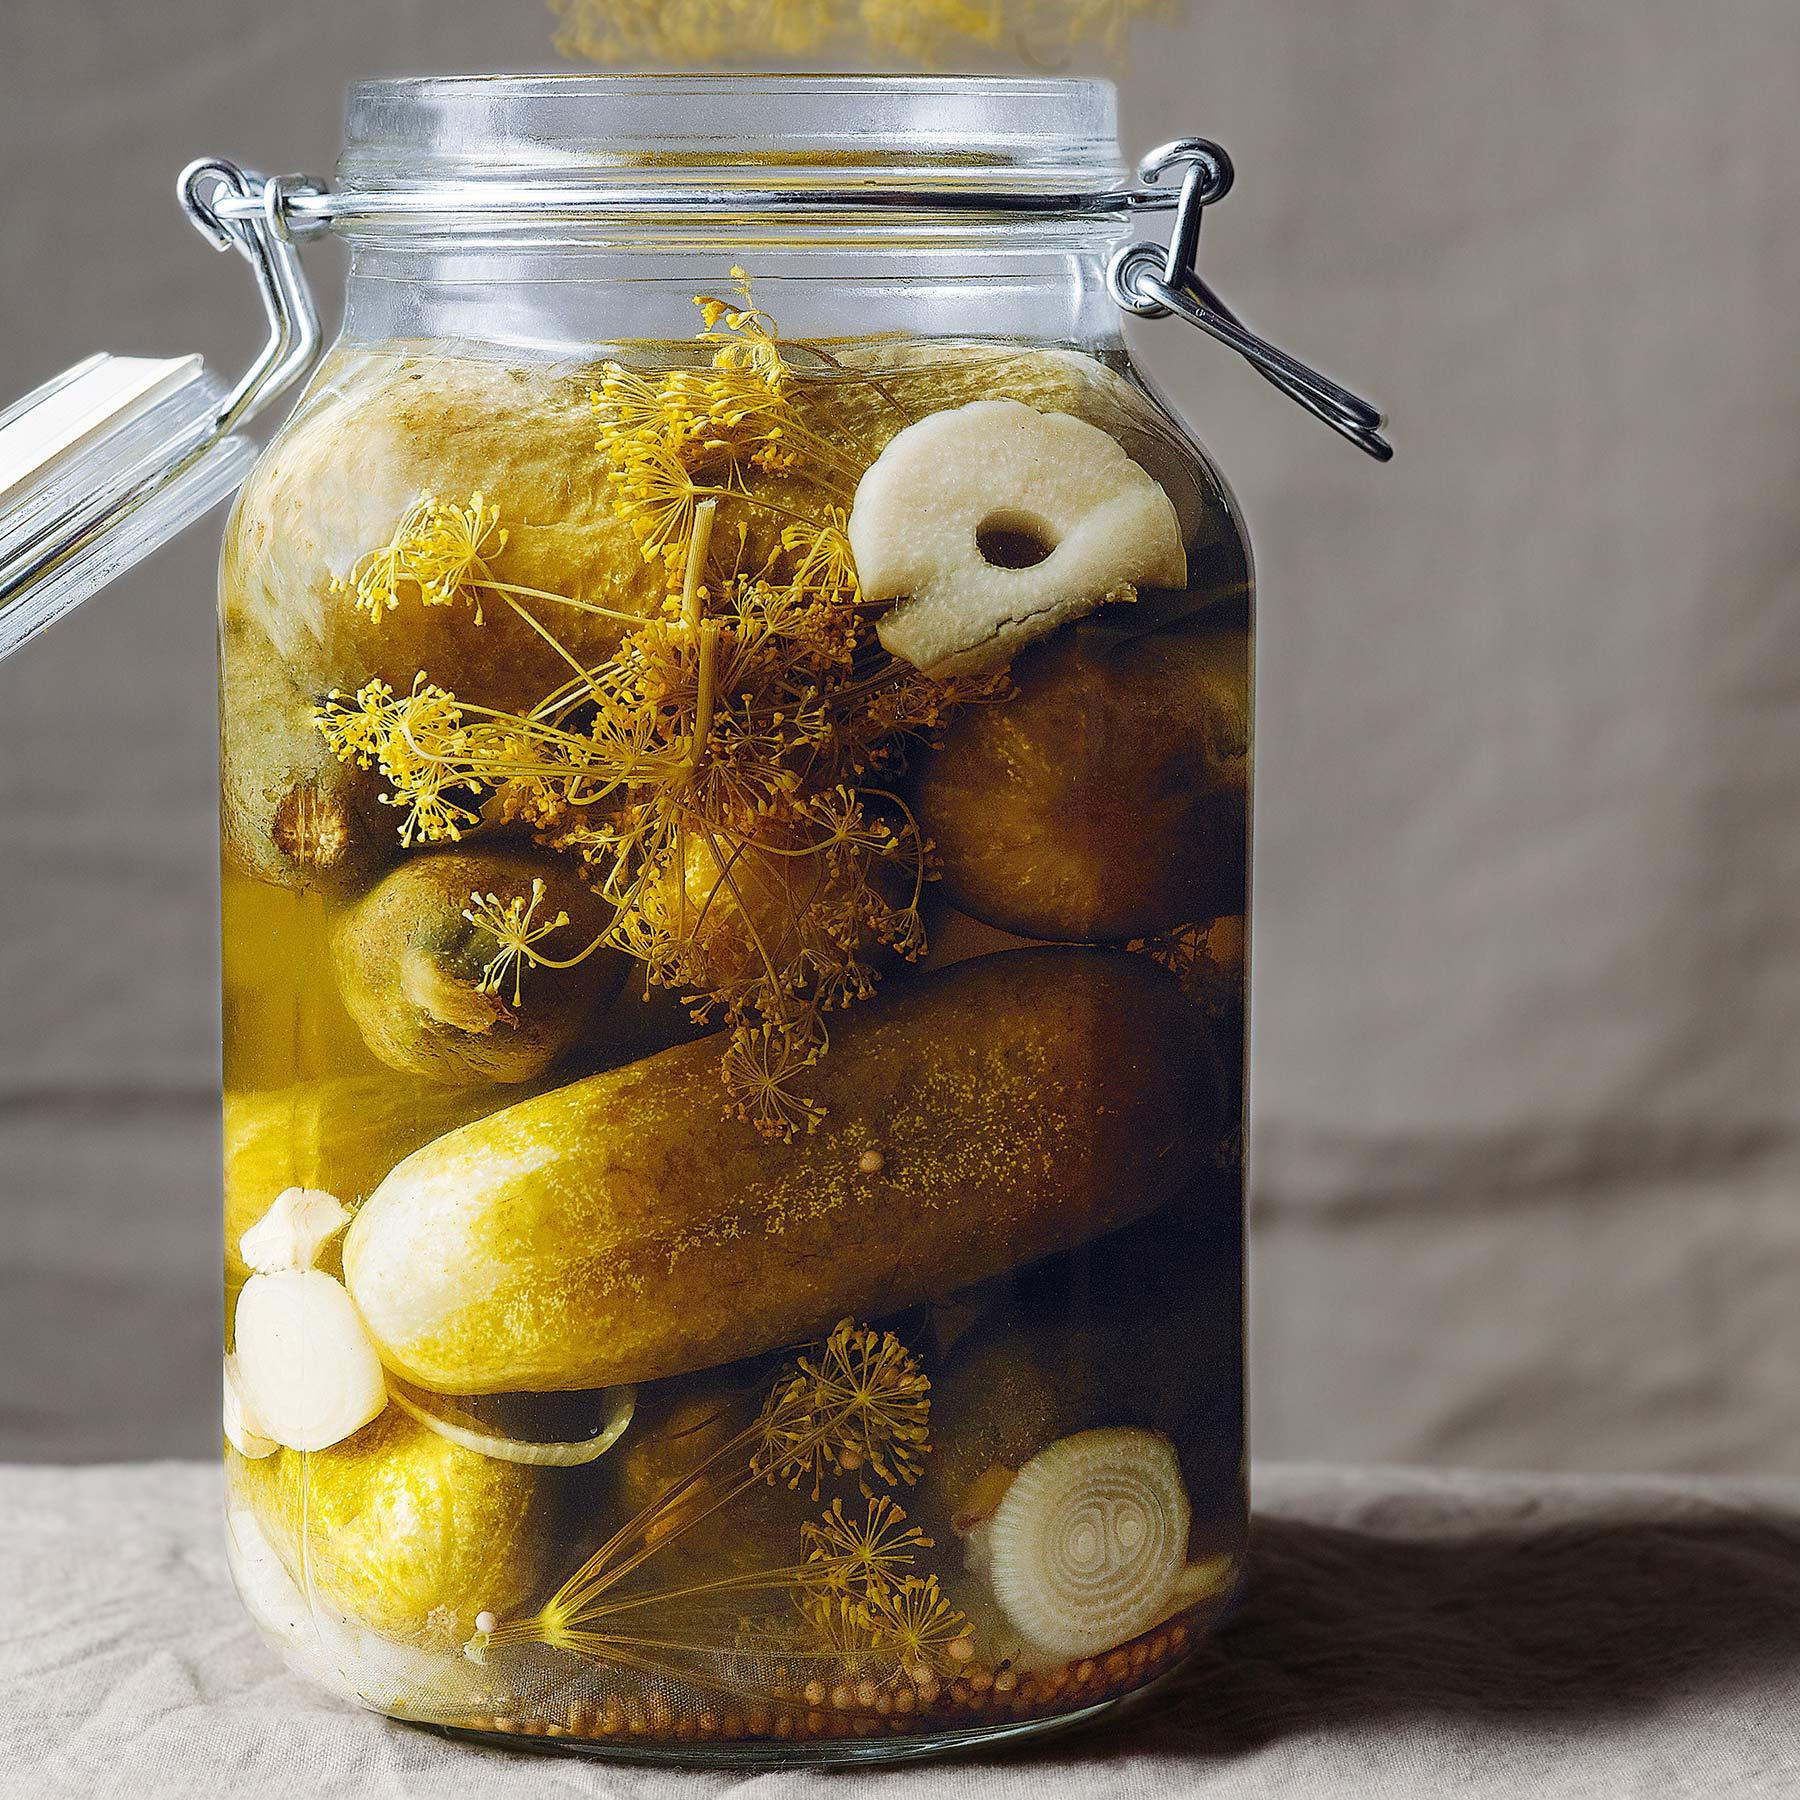 Eingelegte Gewürzgurken | Rezept | Johannes King